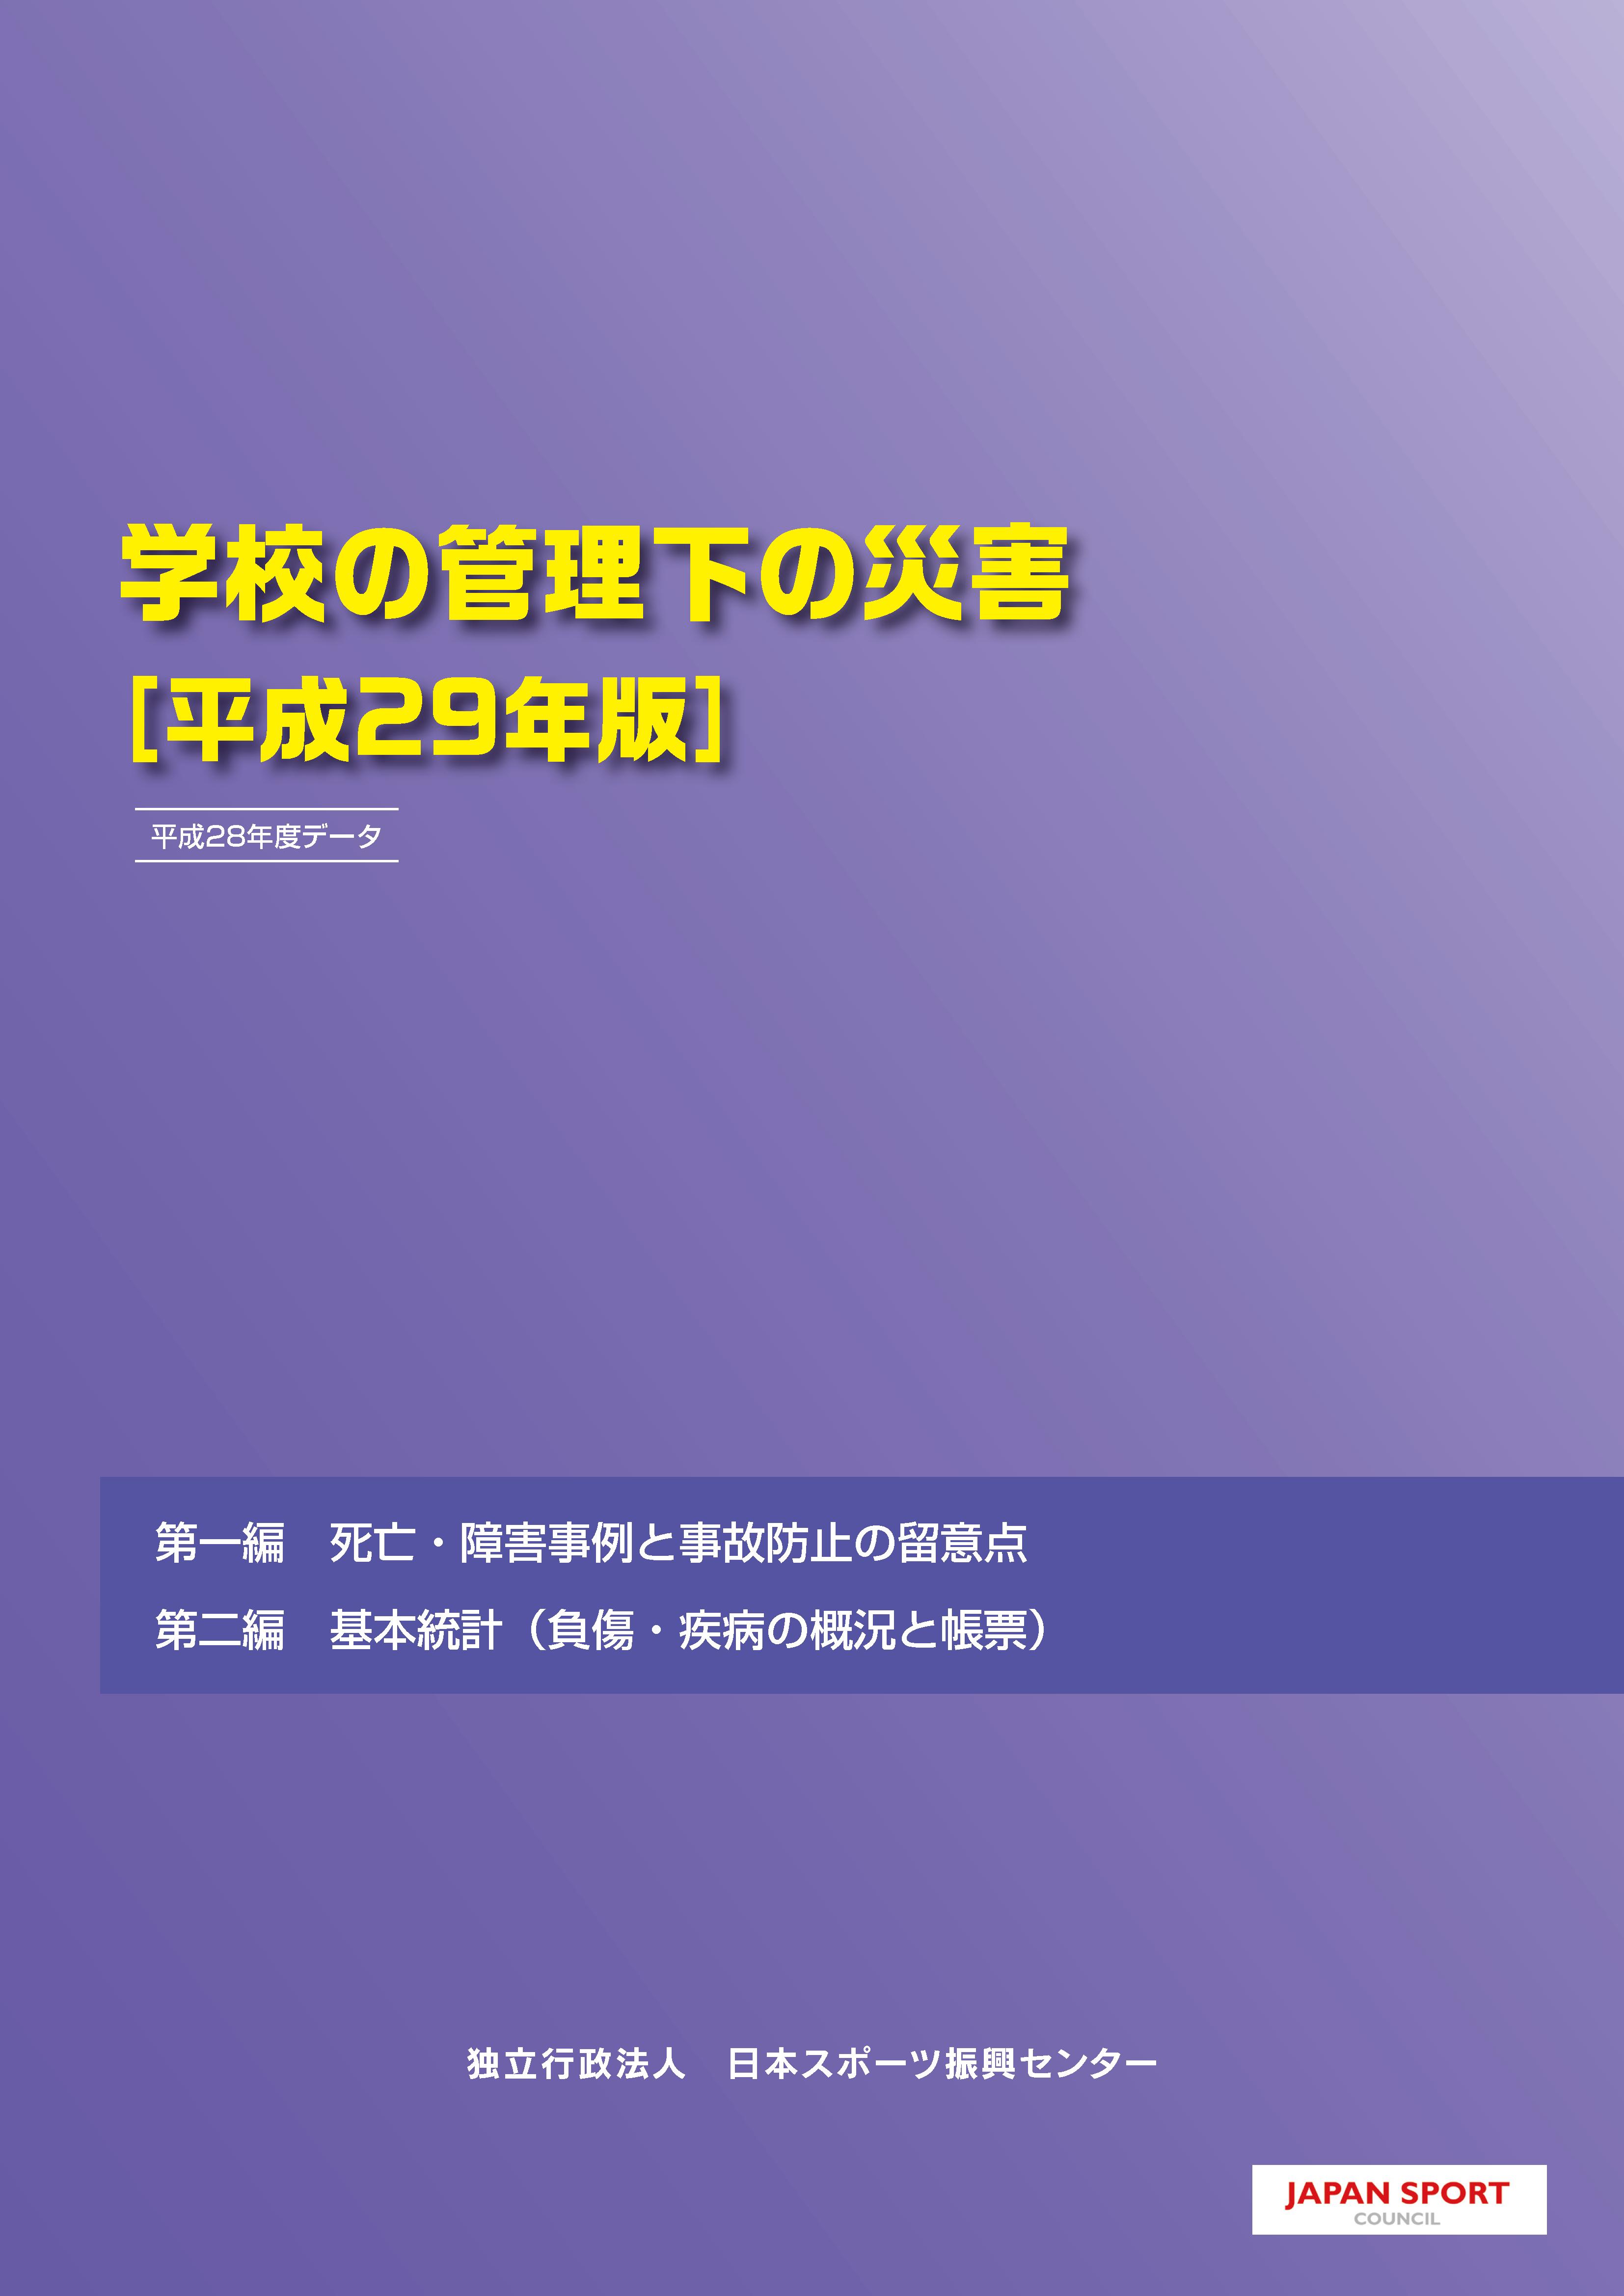 【健やか21】学校の管理下の災害 (平成29年版)の発行について